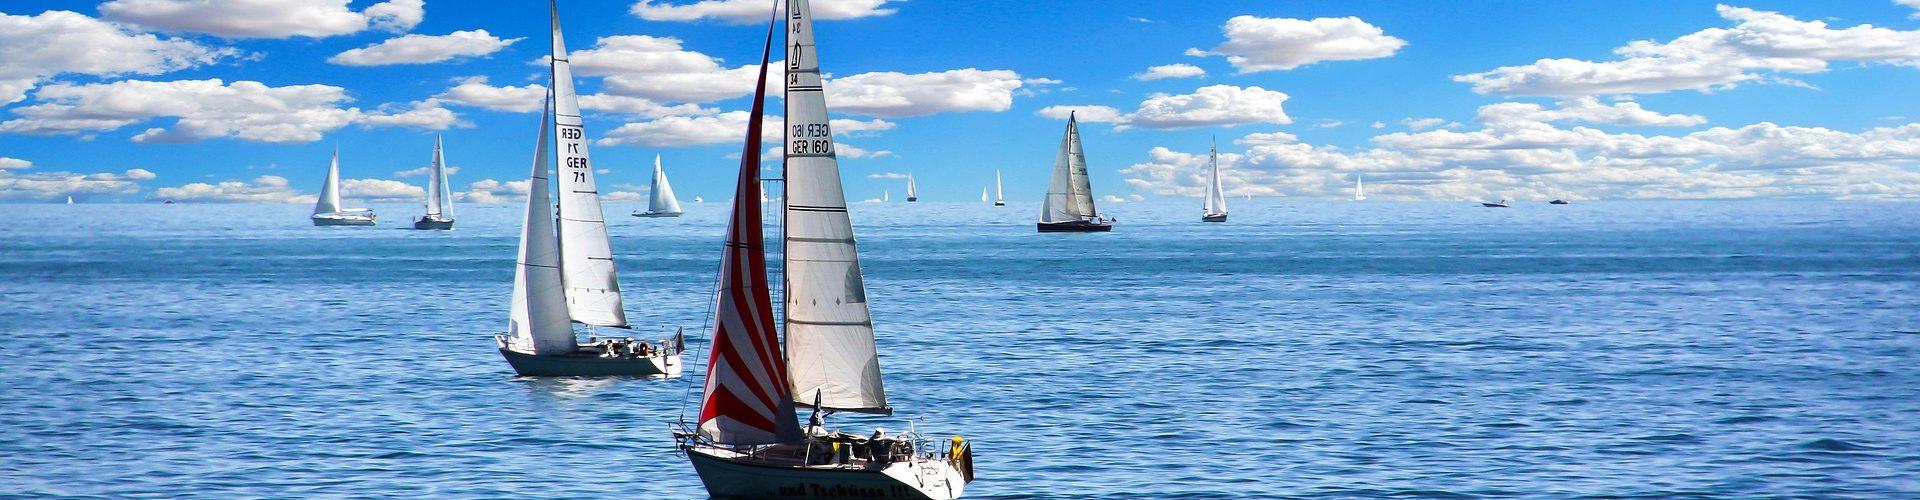 segeln lernen in Essen segelschein machen in Essen 1920x500 - Segeln lernen in Essen